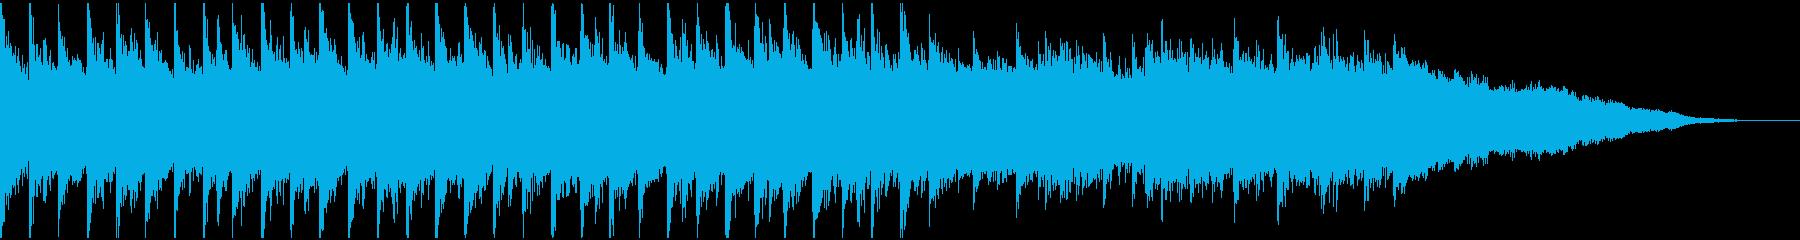 30秒ver企業VP,コーポレート,清涼の再生済みの波形